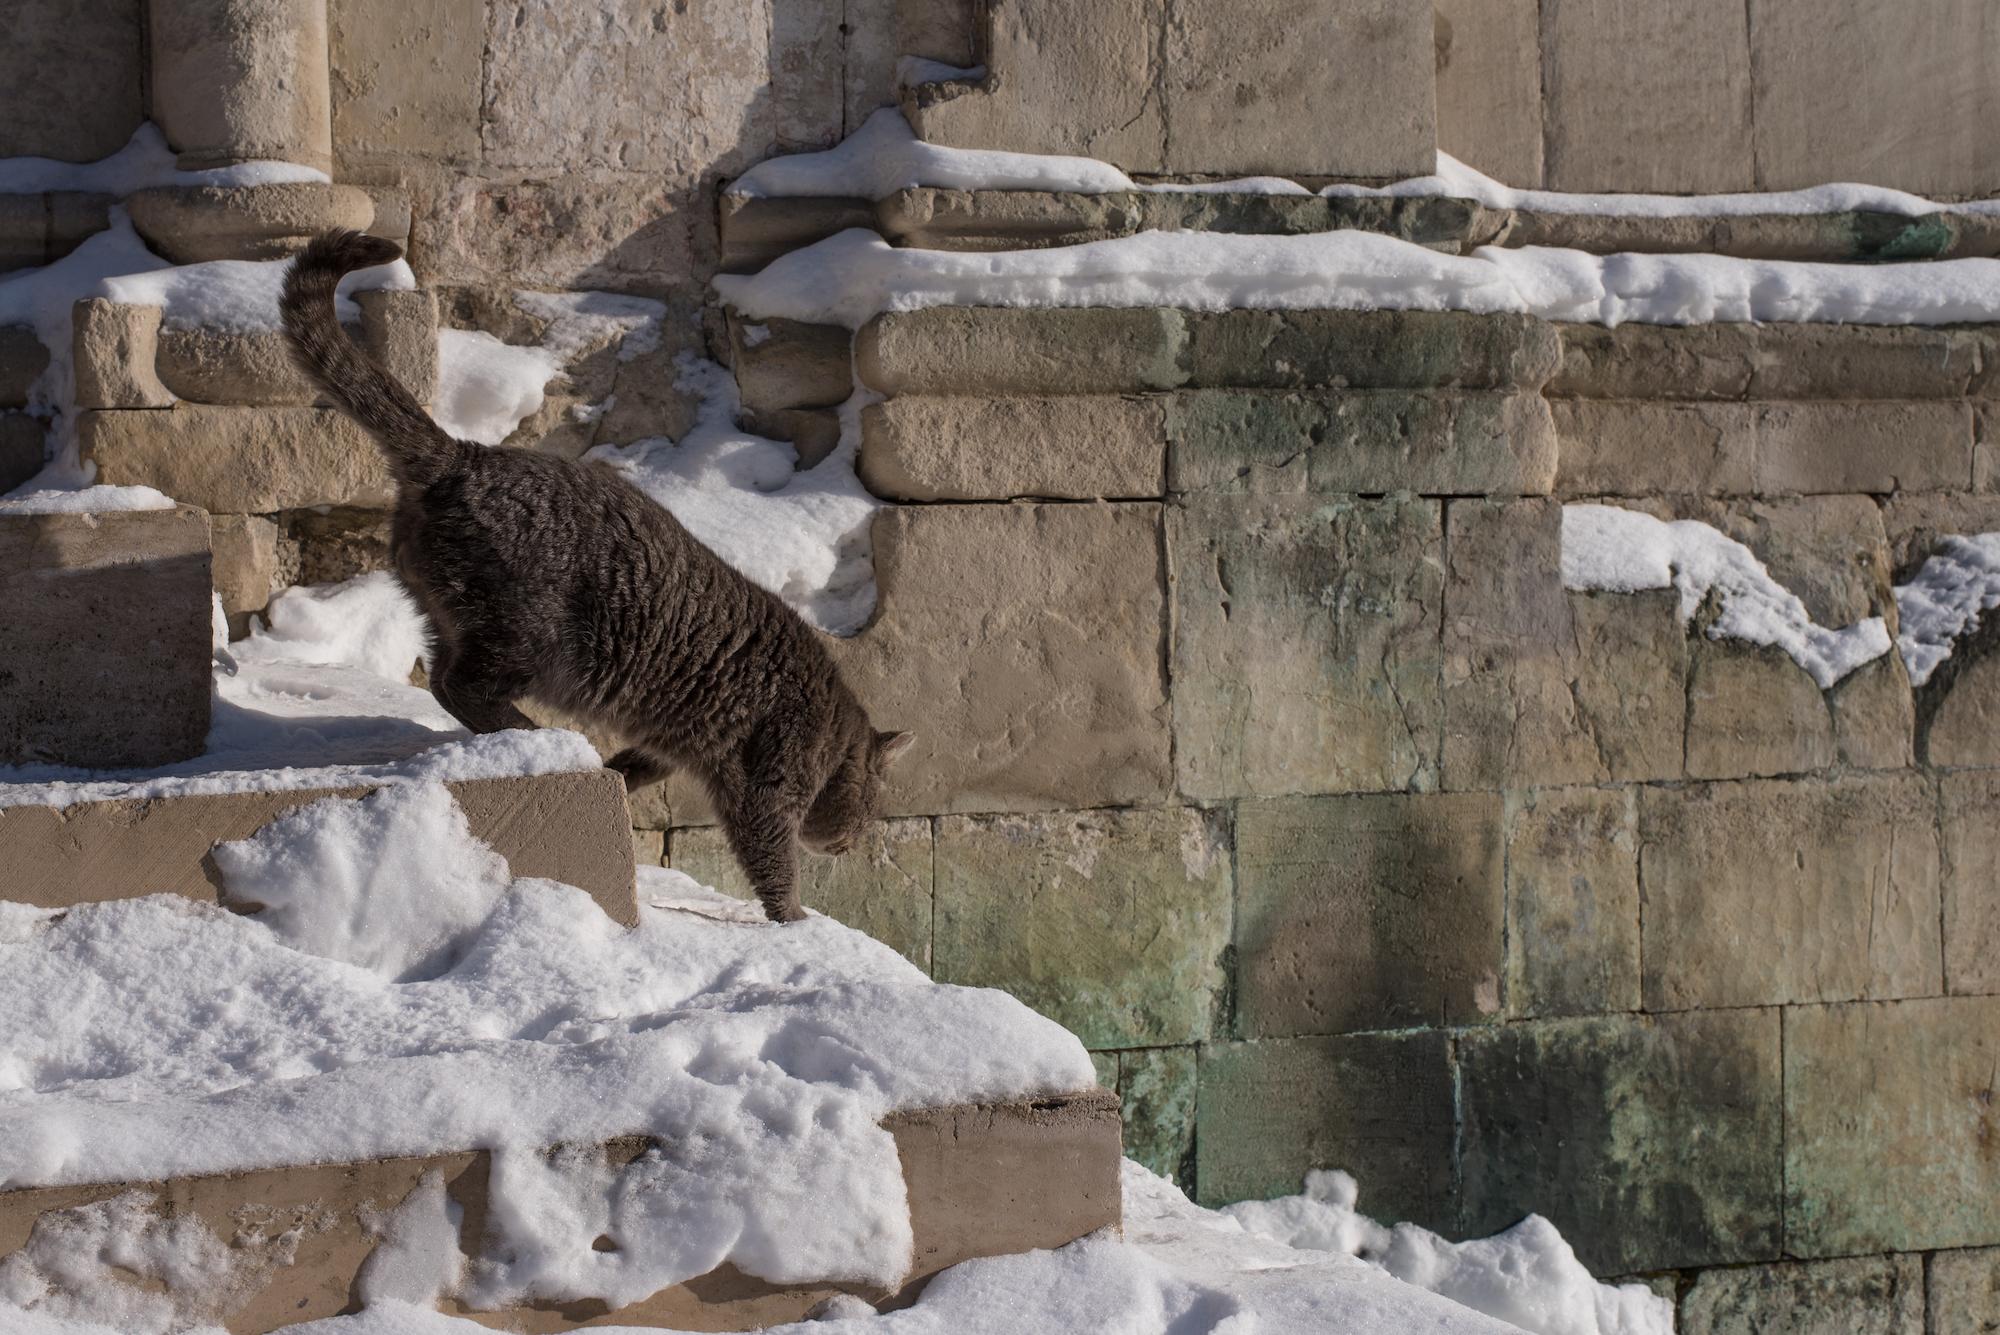 Кот - житель города и герой городской фотографии